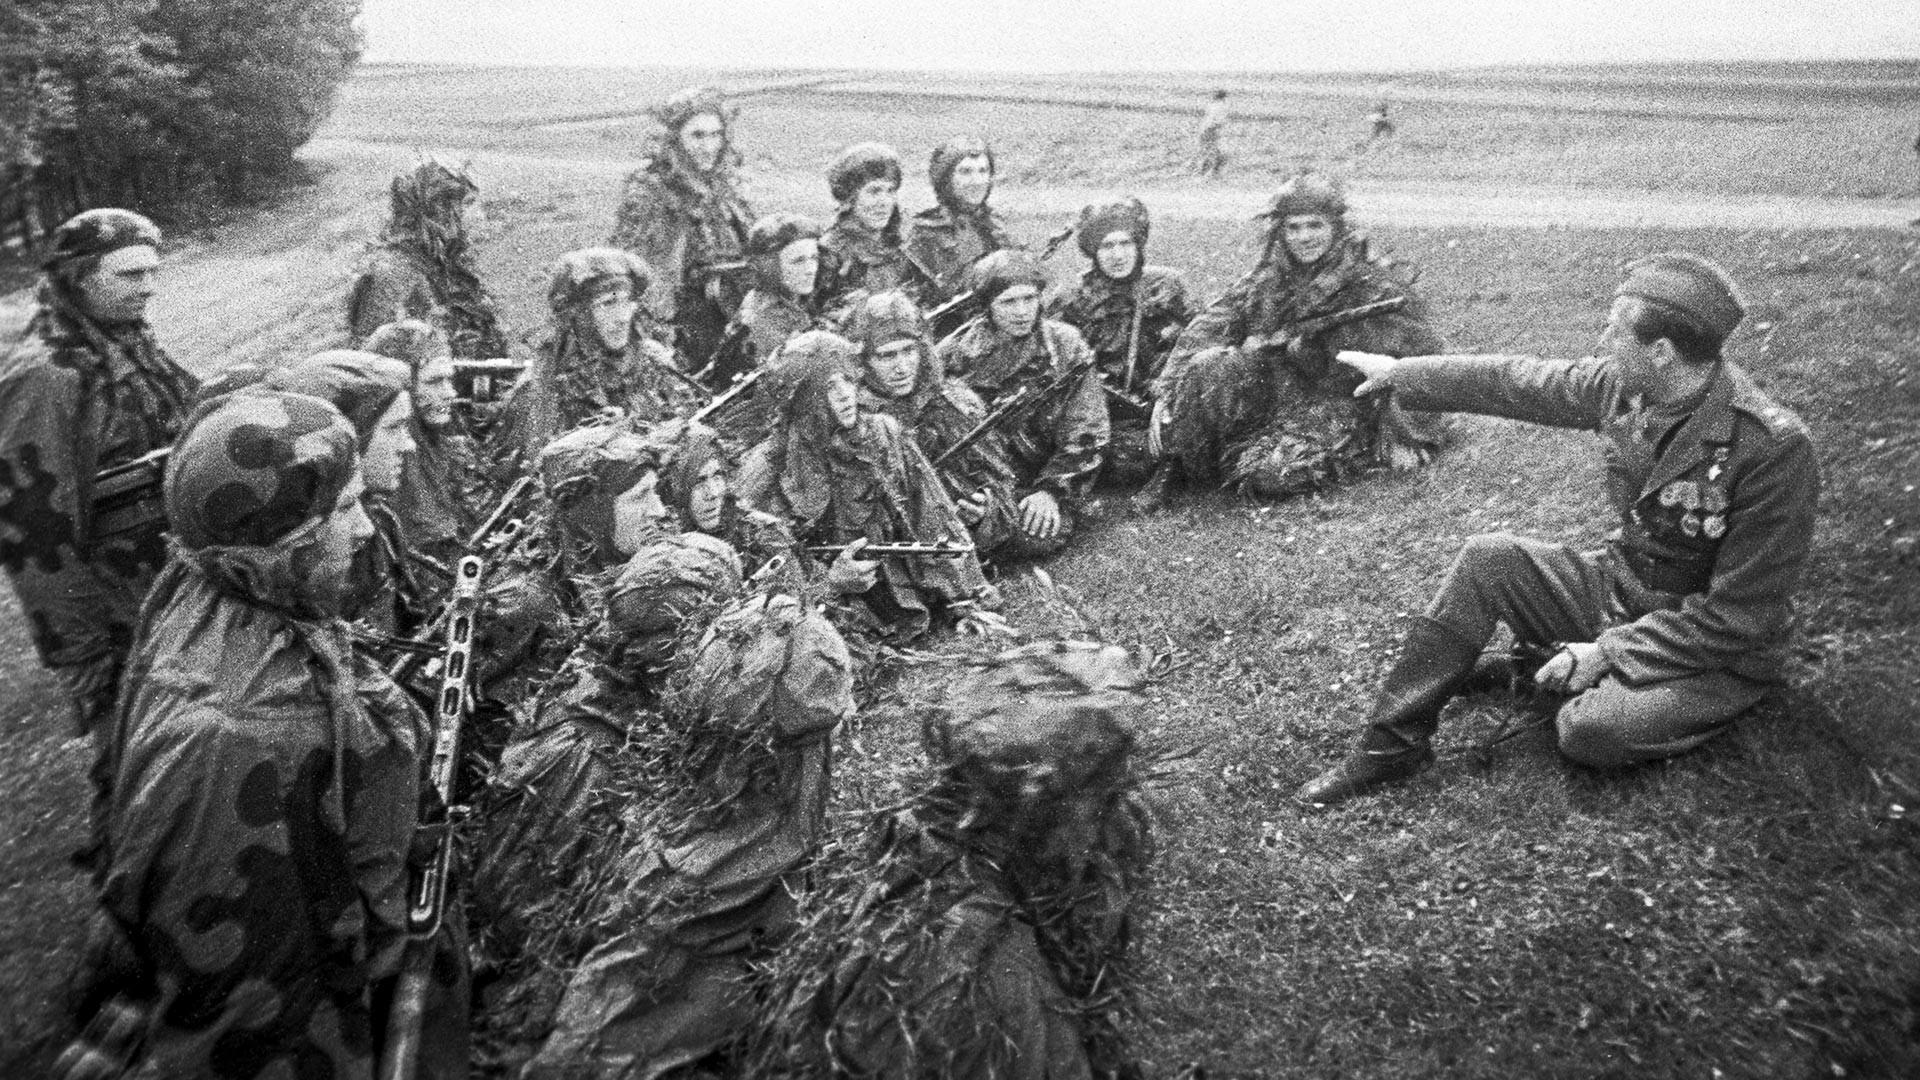 L'offensive de Prague (6-11 mai 1945). Antonin Sochor, commandant de la compagnie de fusiliers du 1er bataillon d'infanterie de la 1ère brigade d'infanterie distincte tchécoslovaque, 51e corps de fusiliers, 38e armée, 1er front ukrainien.